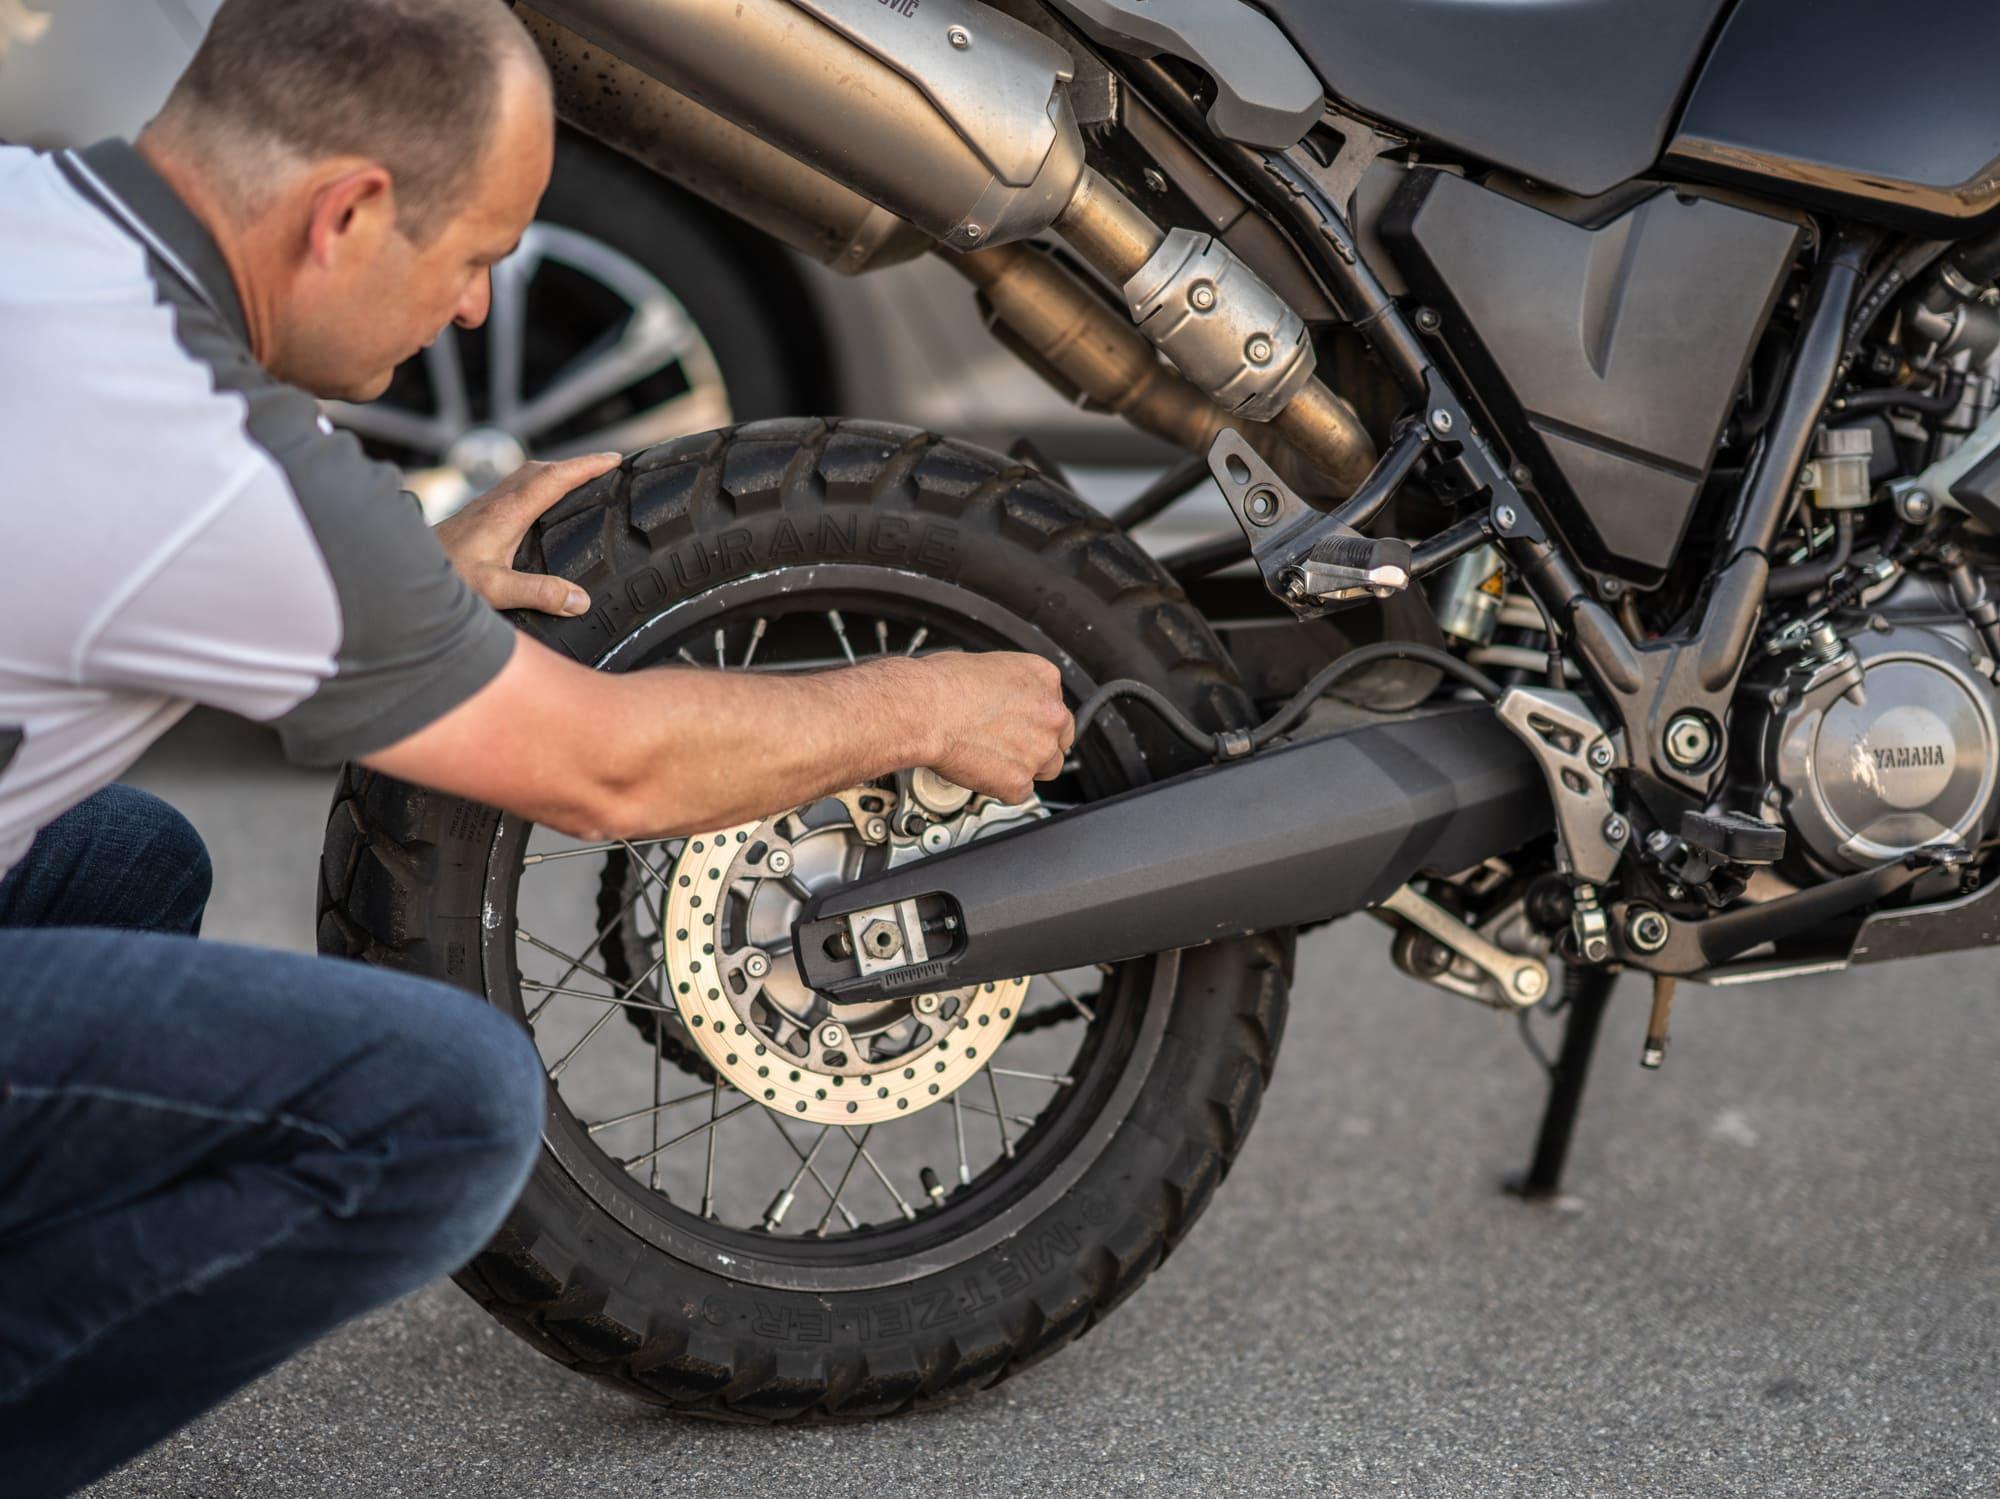 Prüfung Motorradzustand